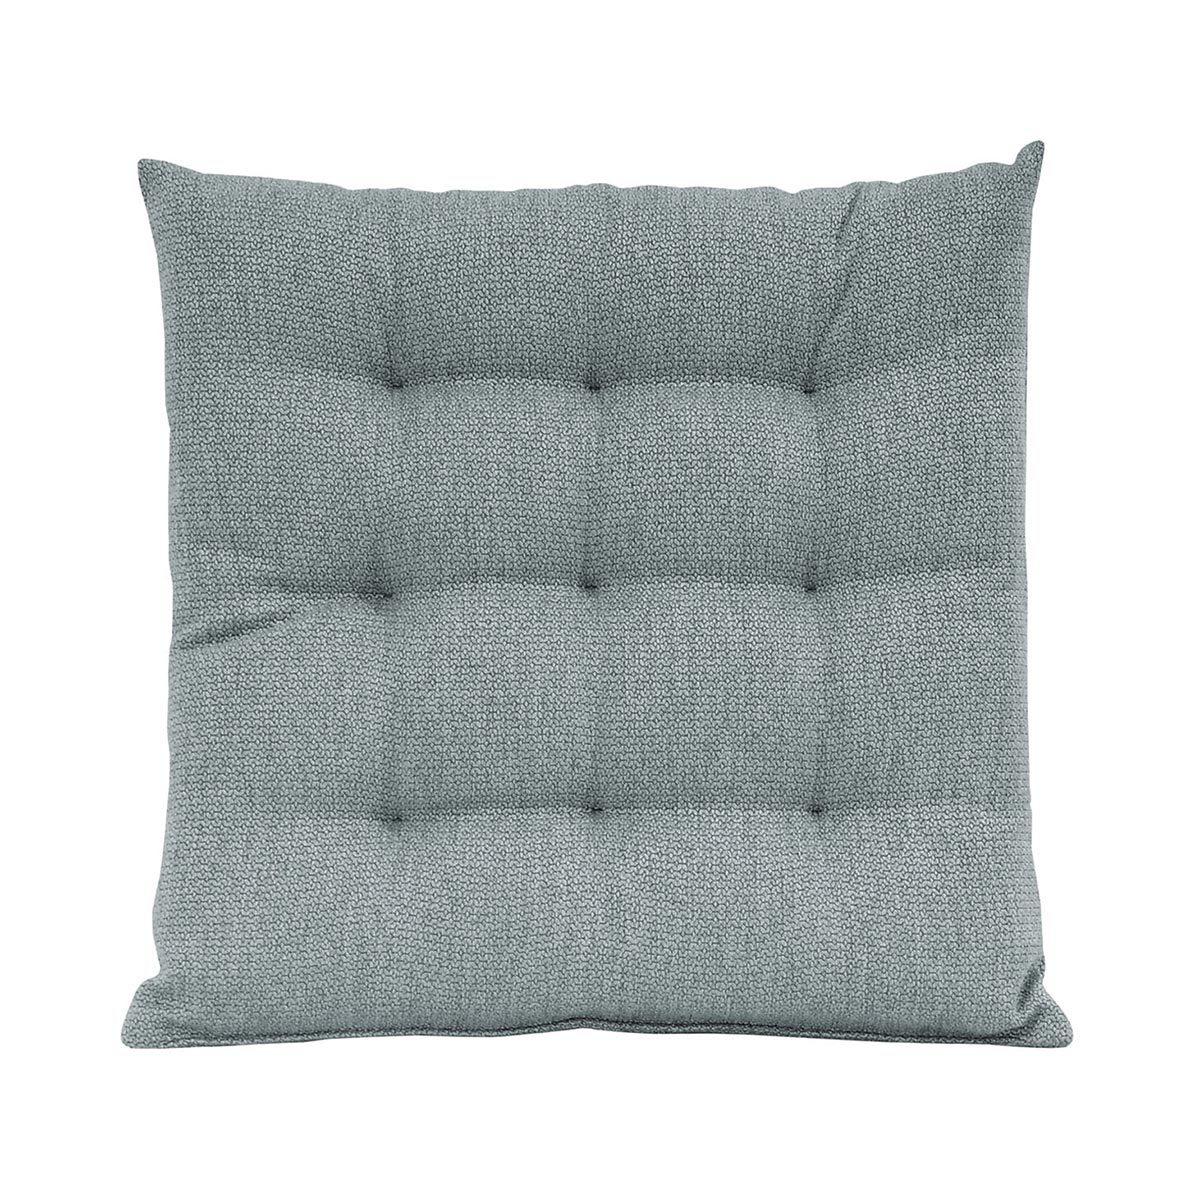 sun garden sitzkissen loft g nstig online kaufen bei. Black Bedroom Furniture Sets. Home Design Ideas